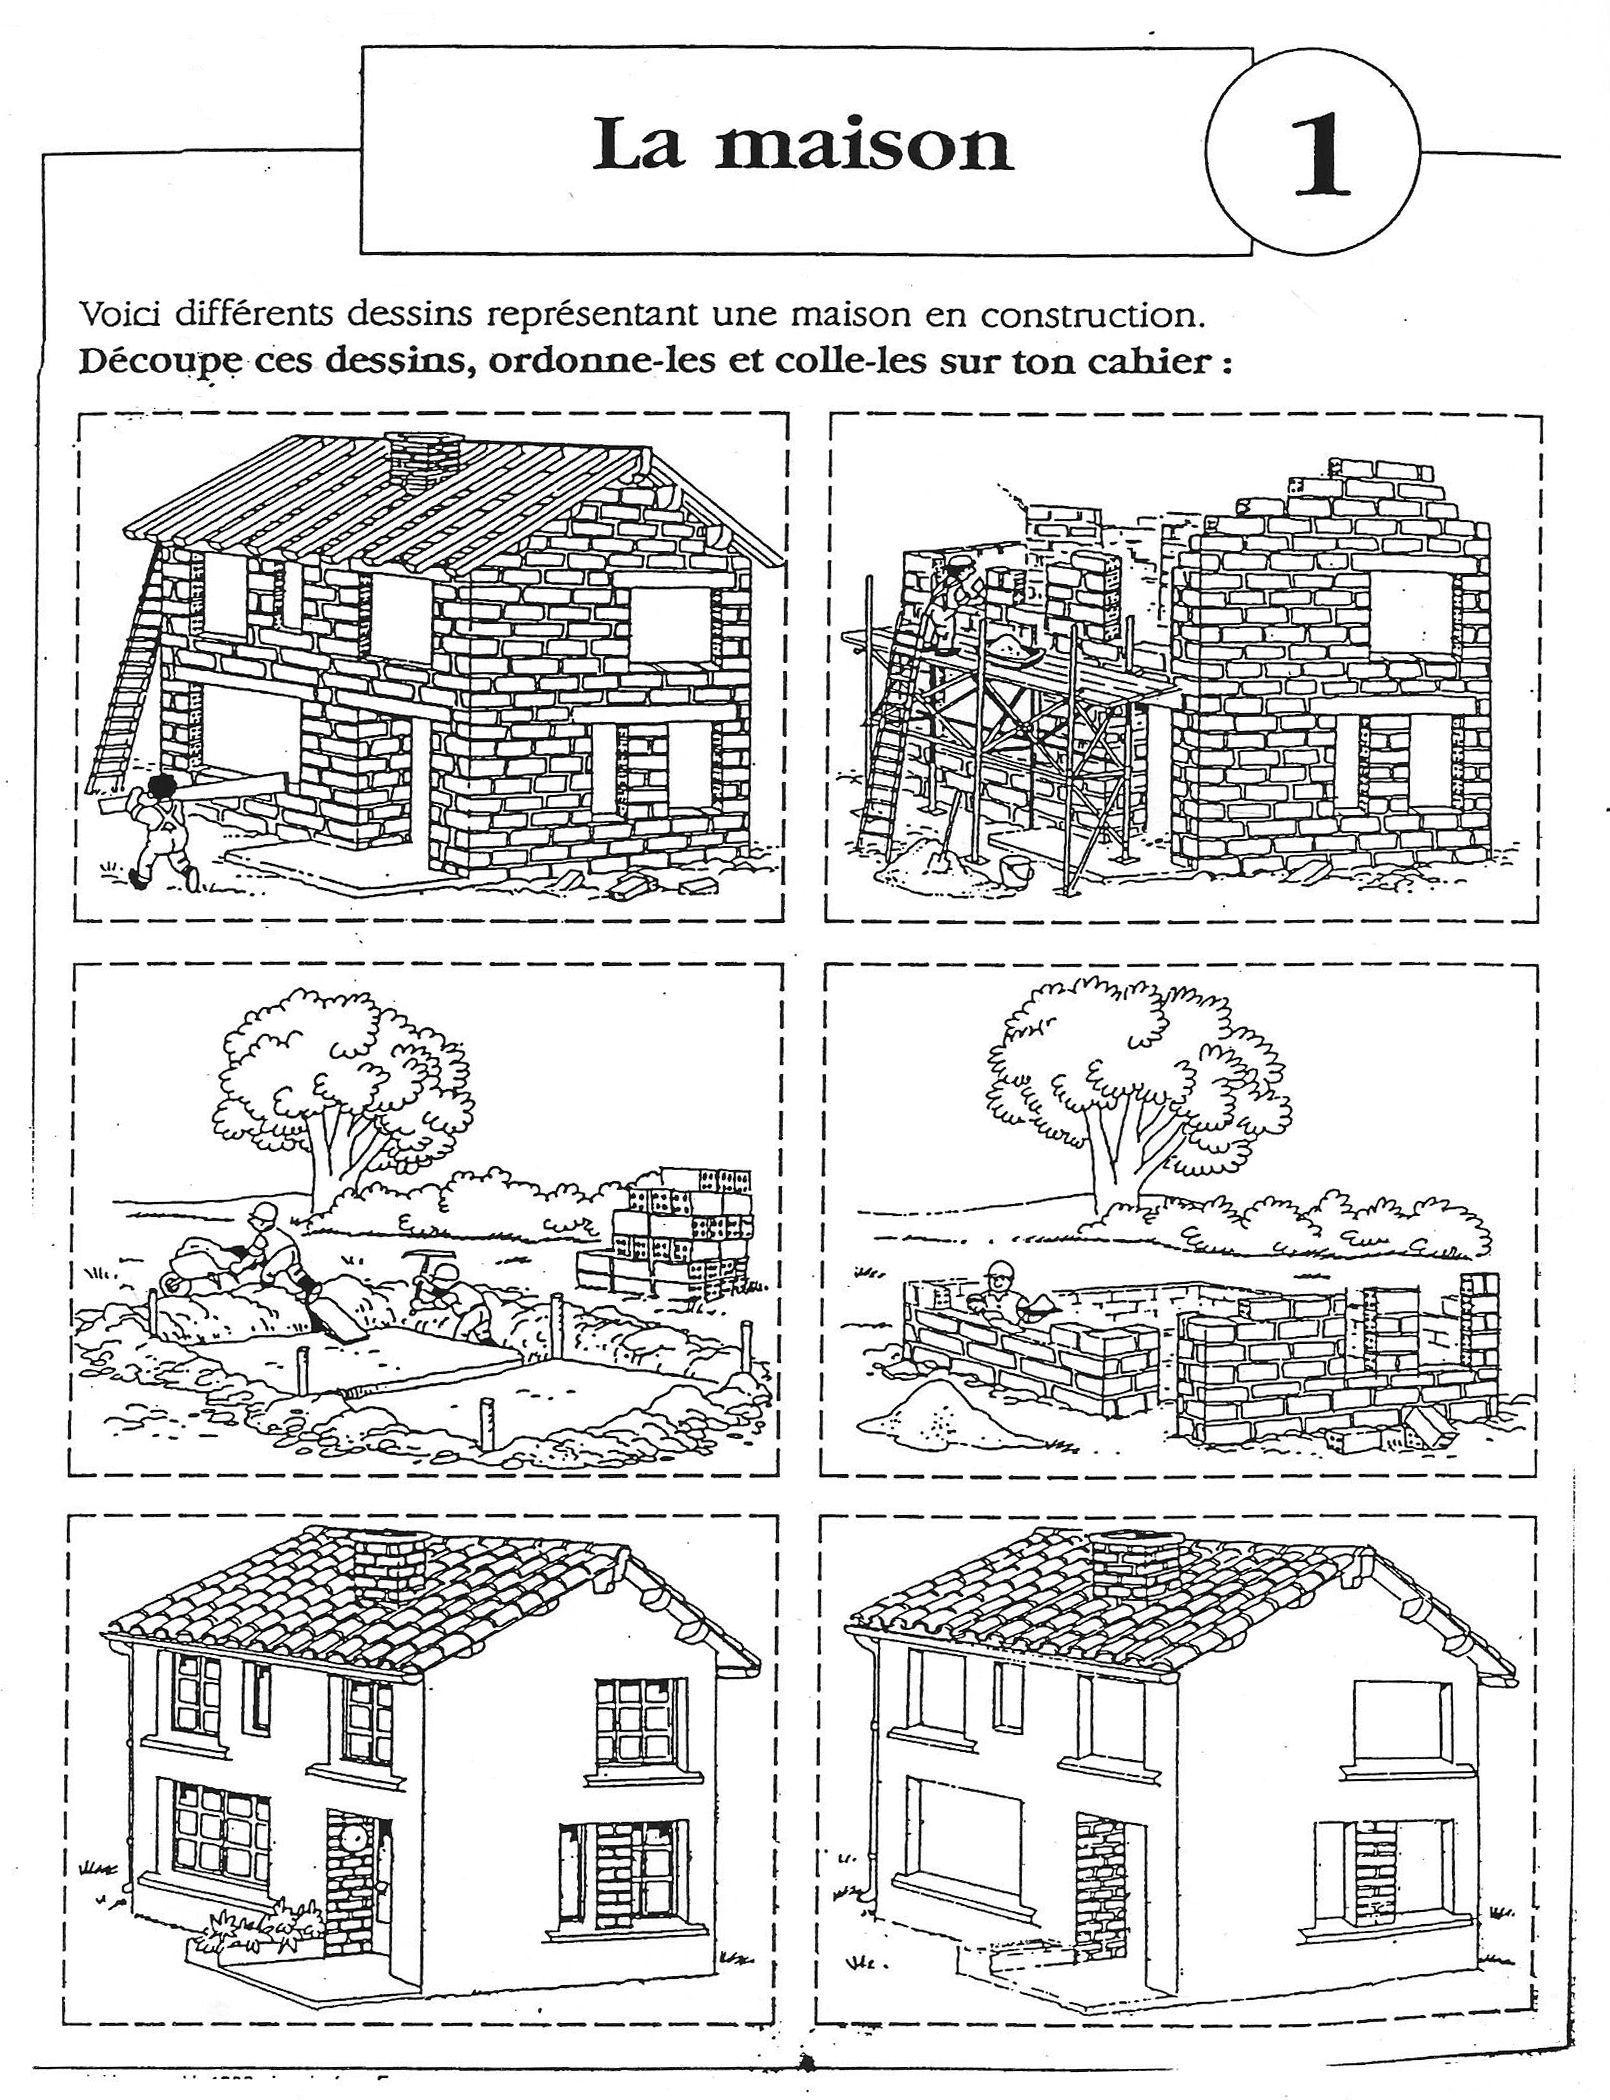 Images Sequentielles La Construction De La Maison 6 Images